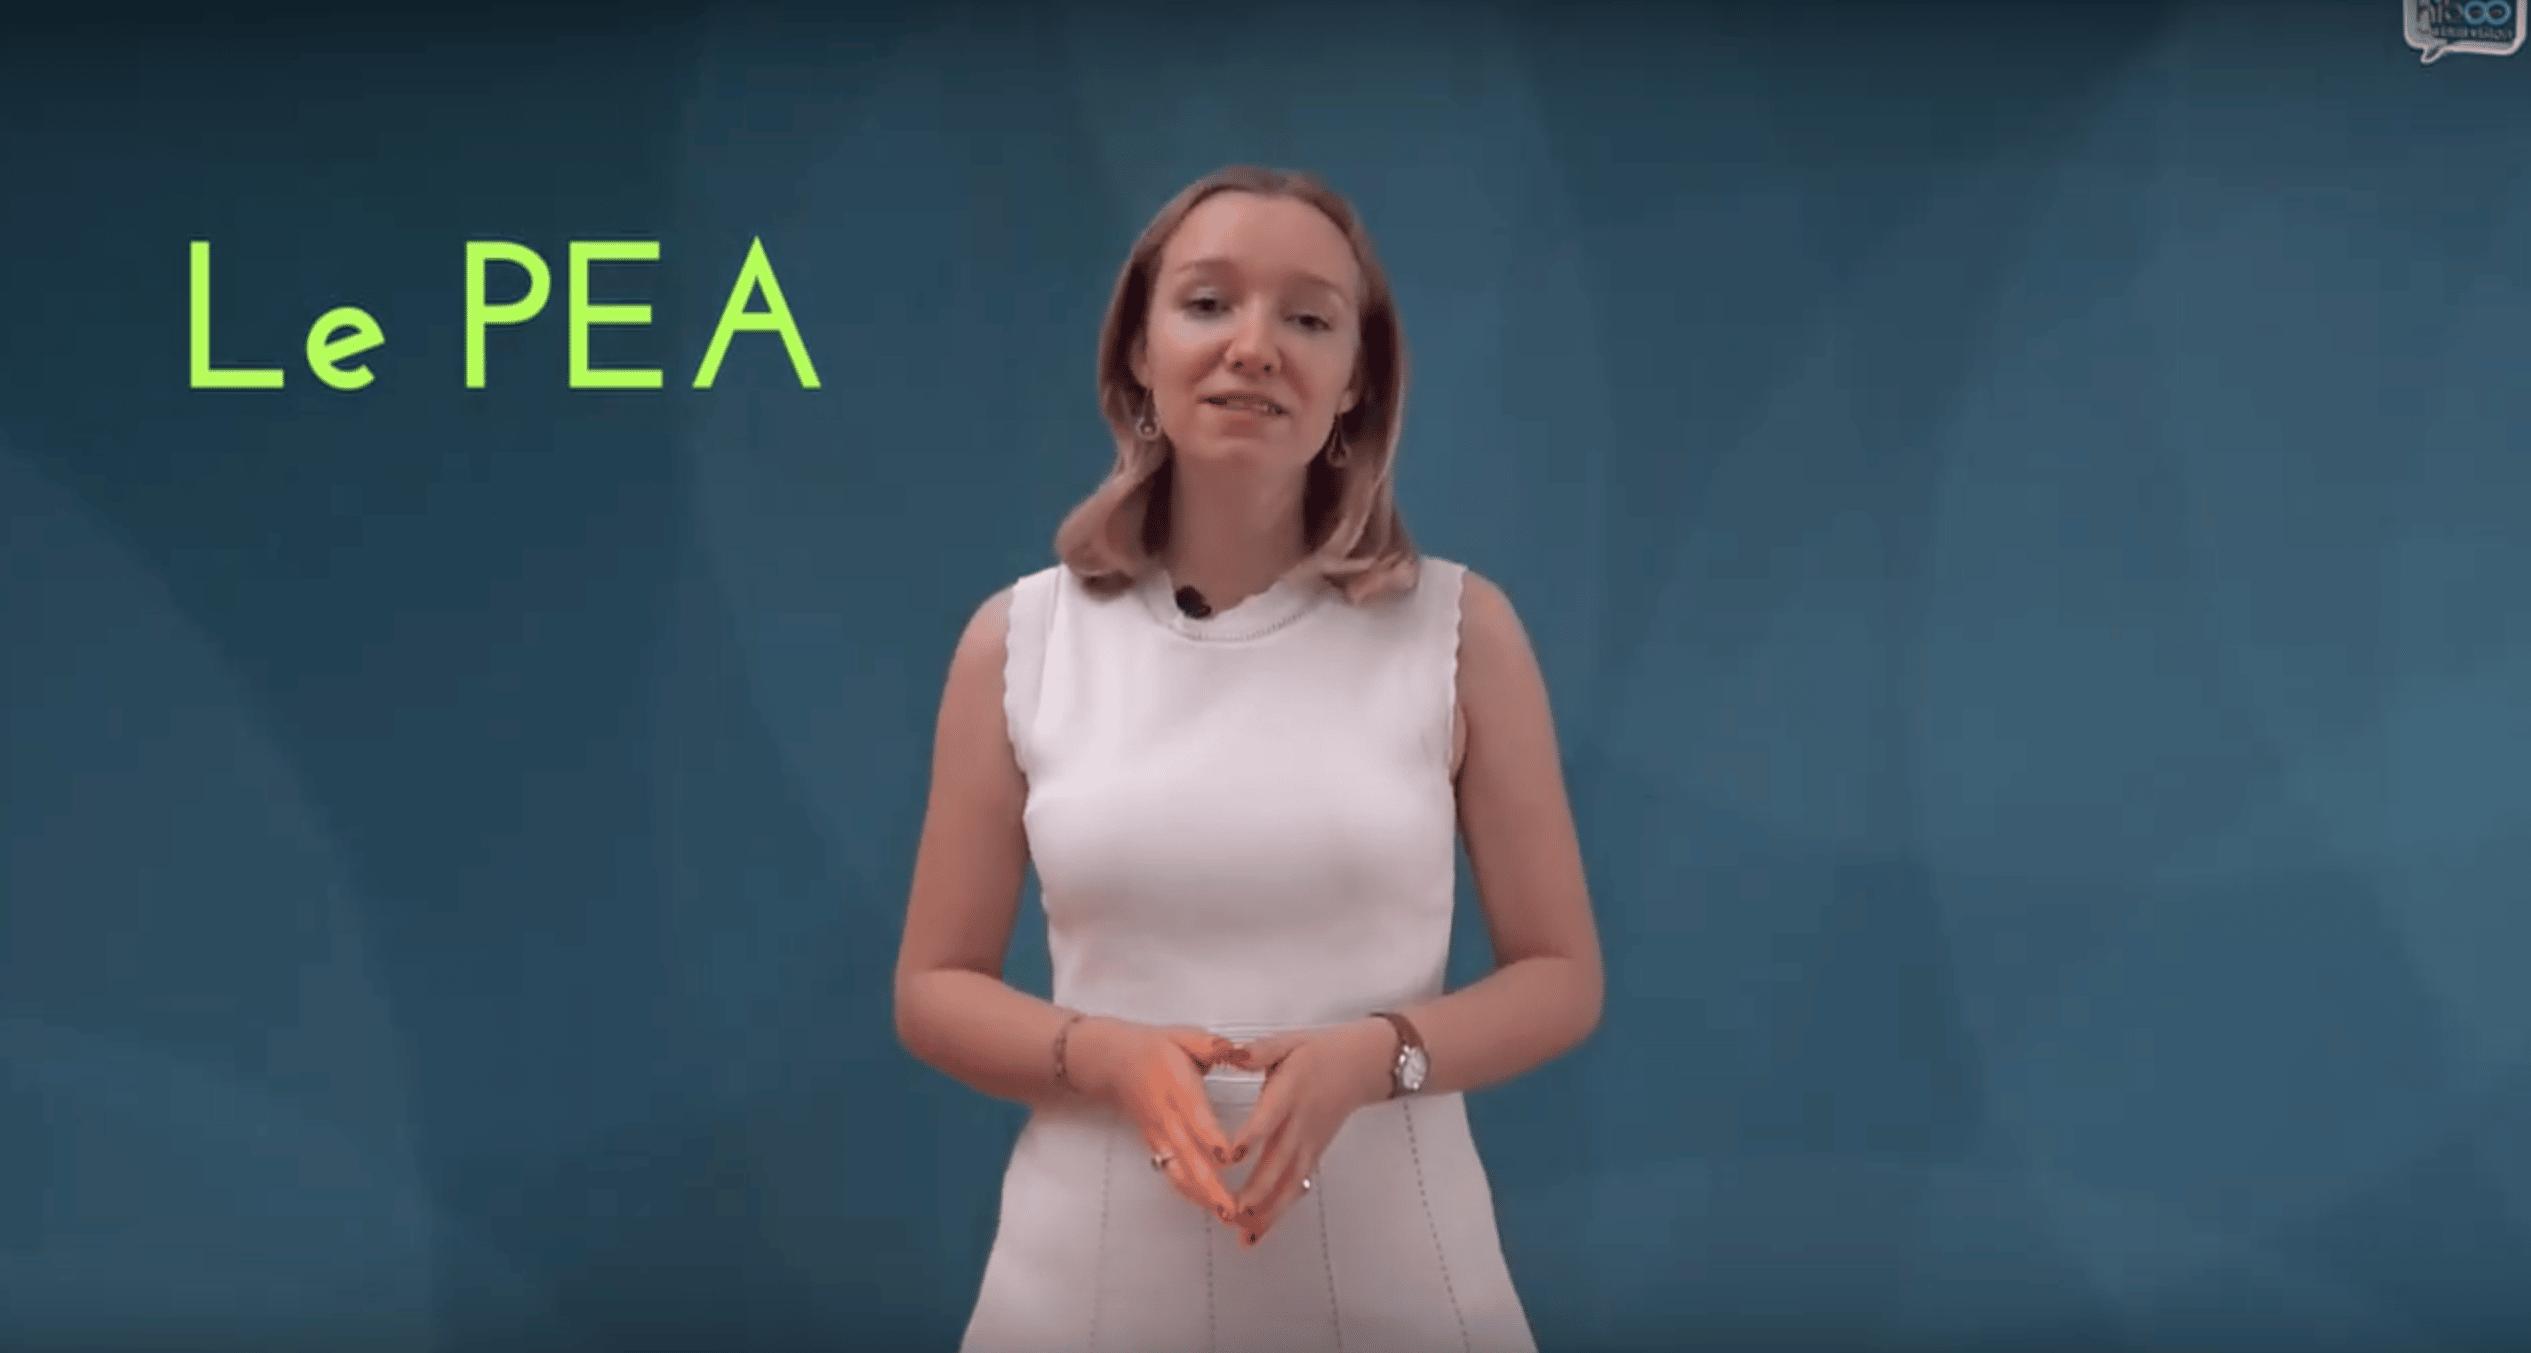 Le PEA : enfin une vidéo qui explique tout!